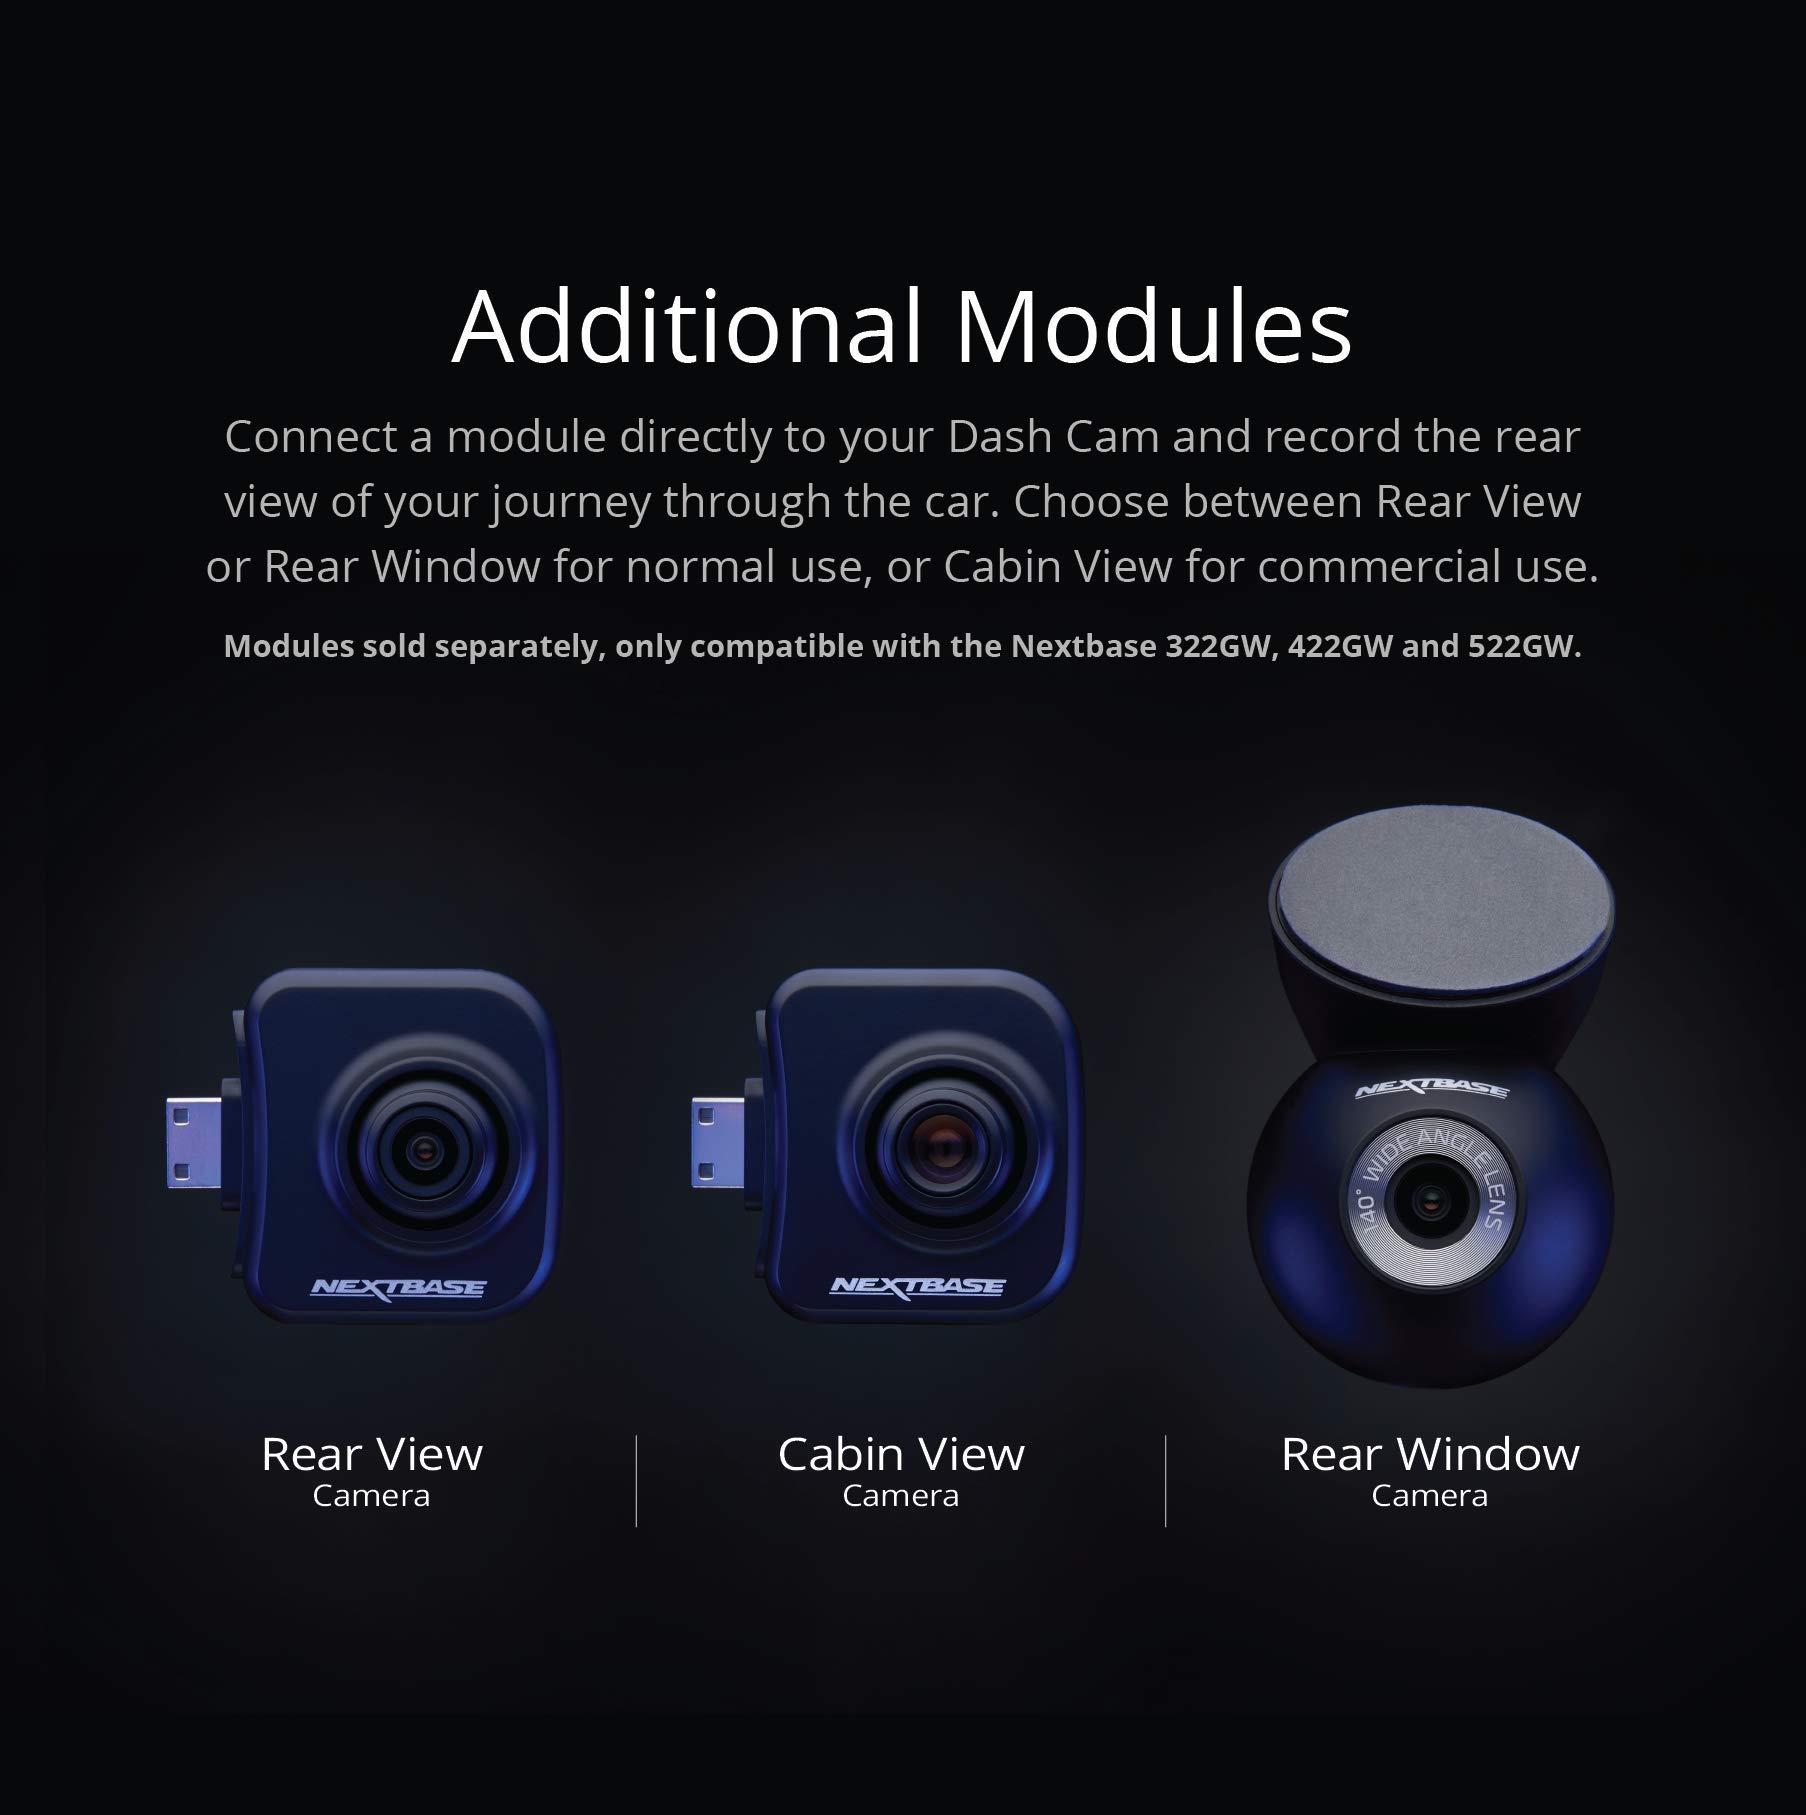 Nextbase-Series-2-Dash-Cam-422GW